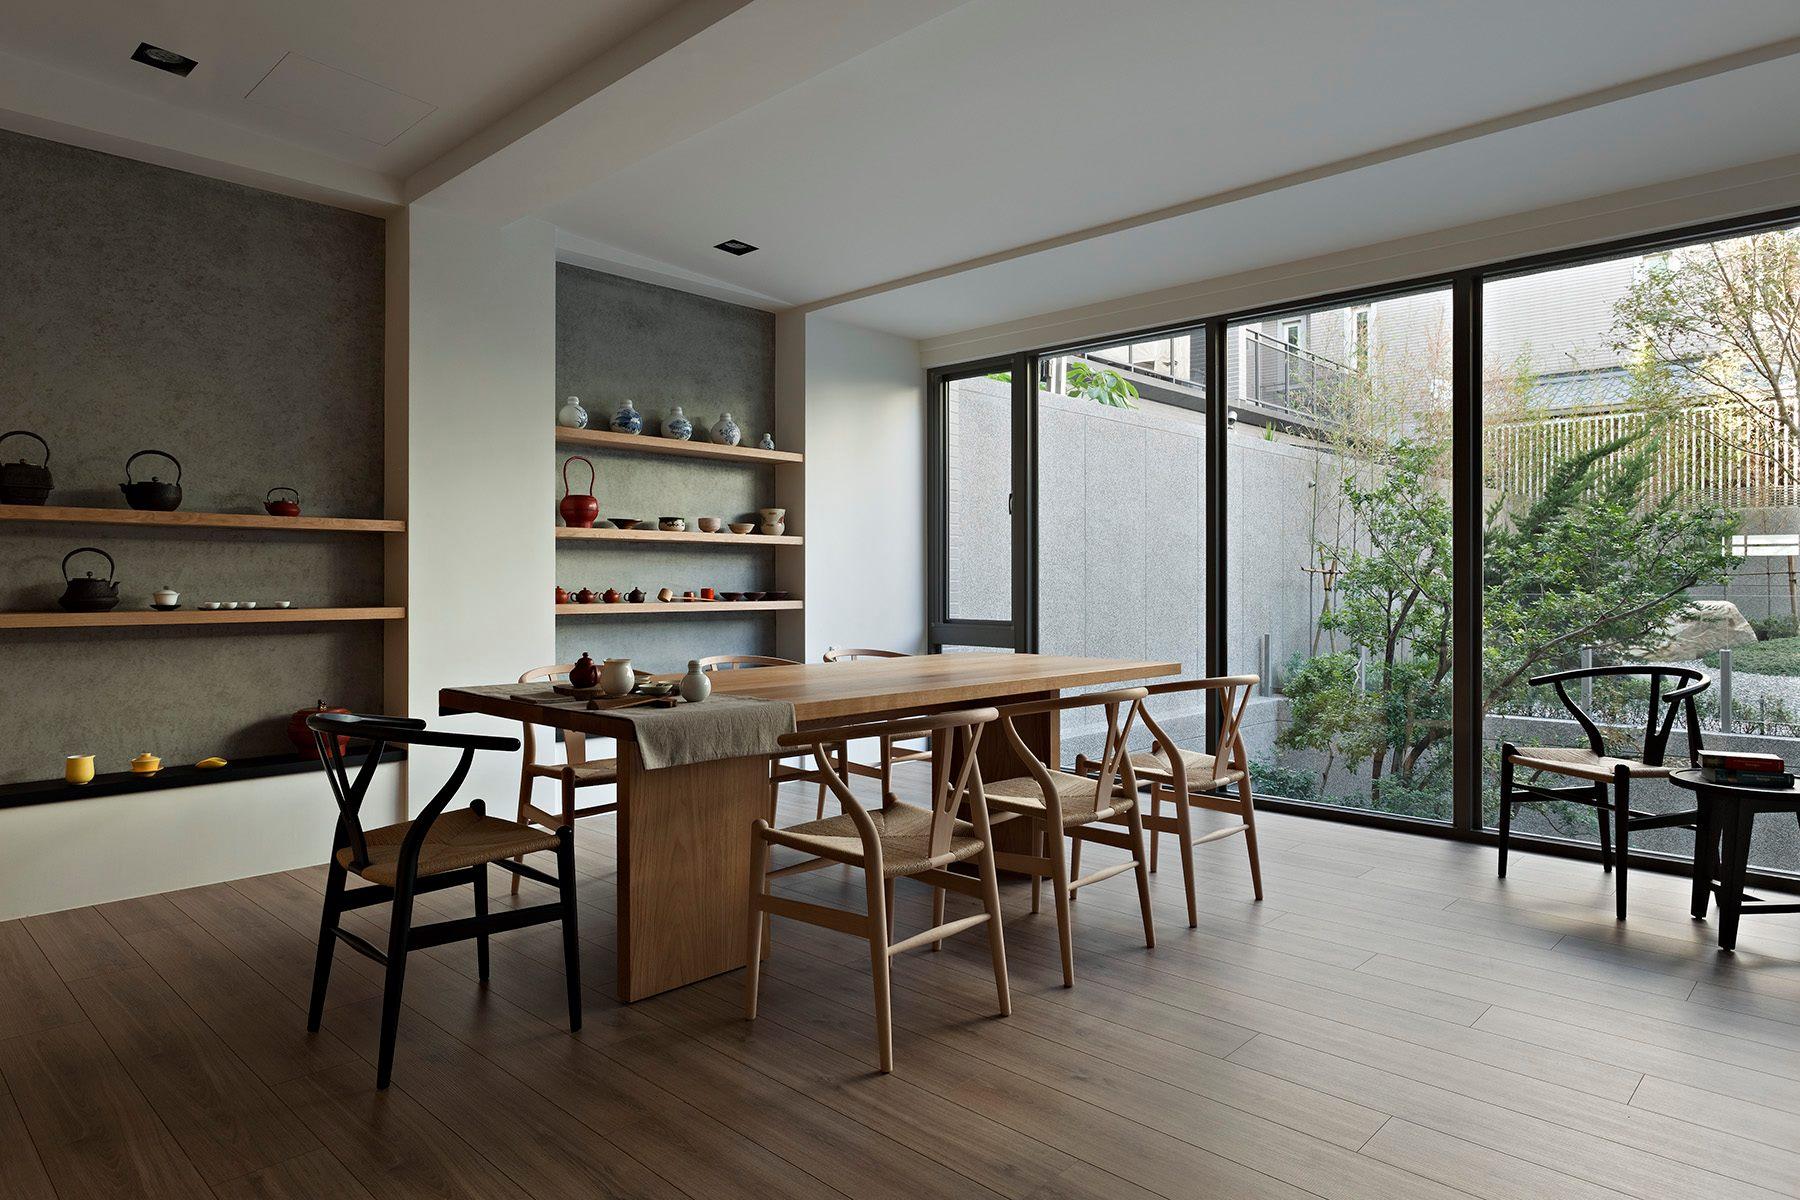 Полки для посуды в минималистичном интерьере